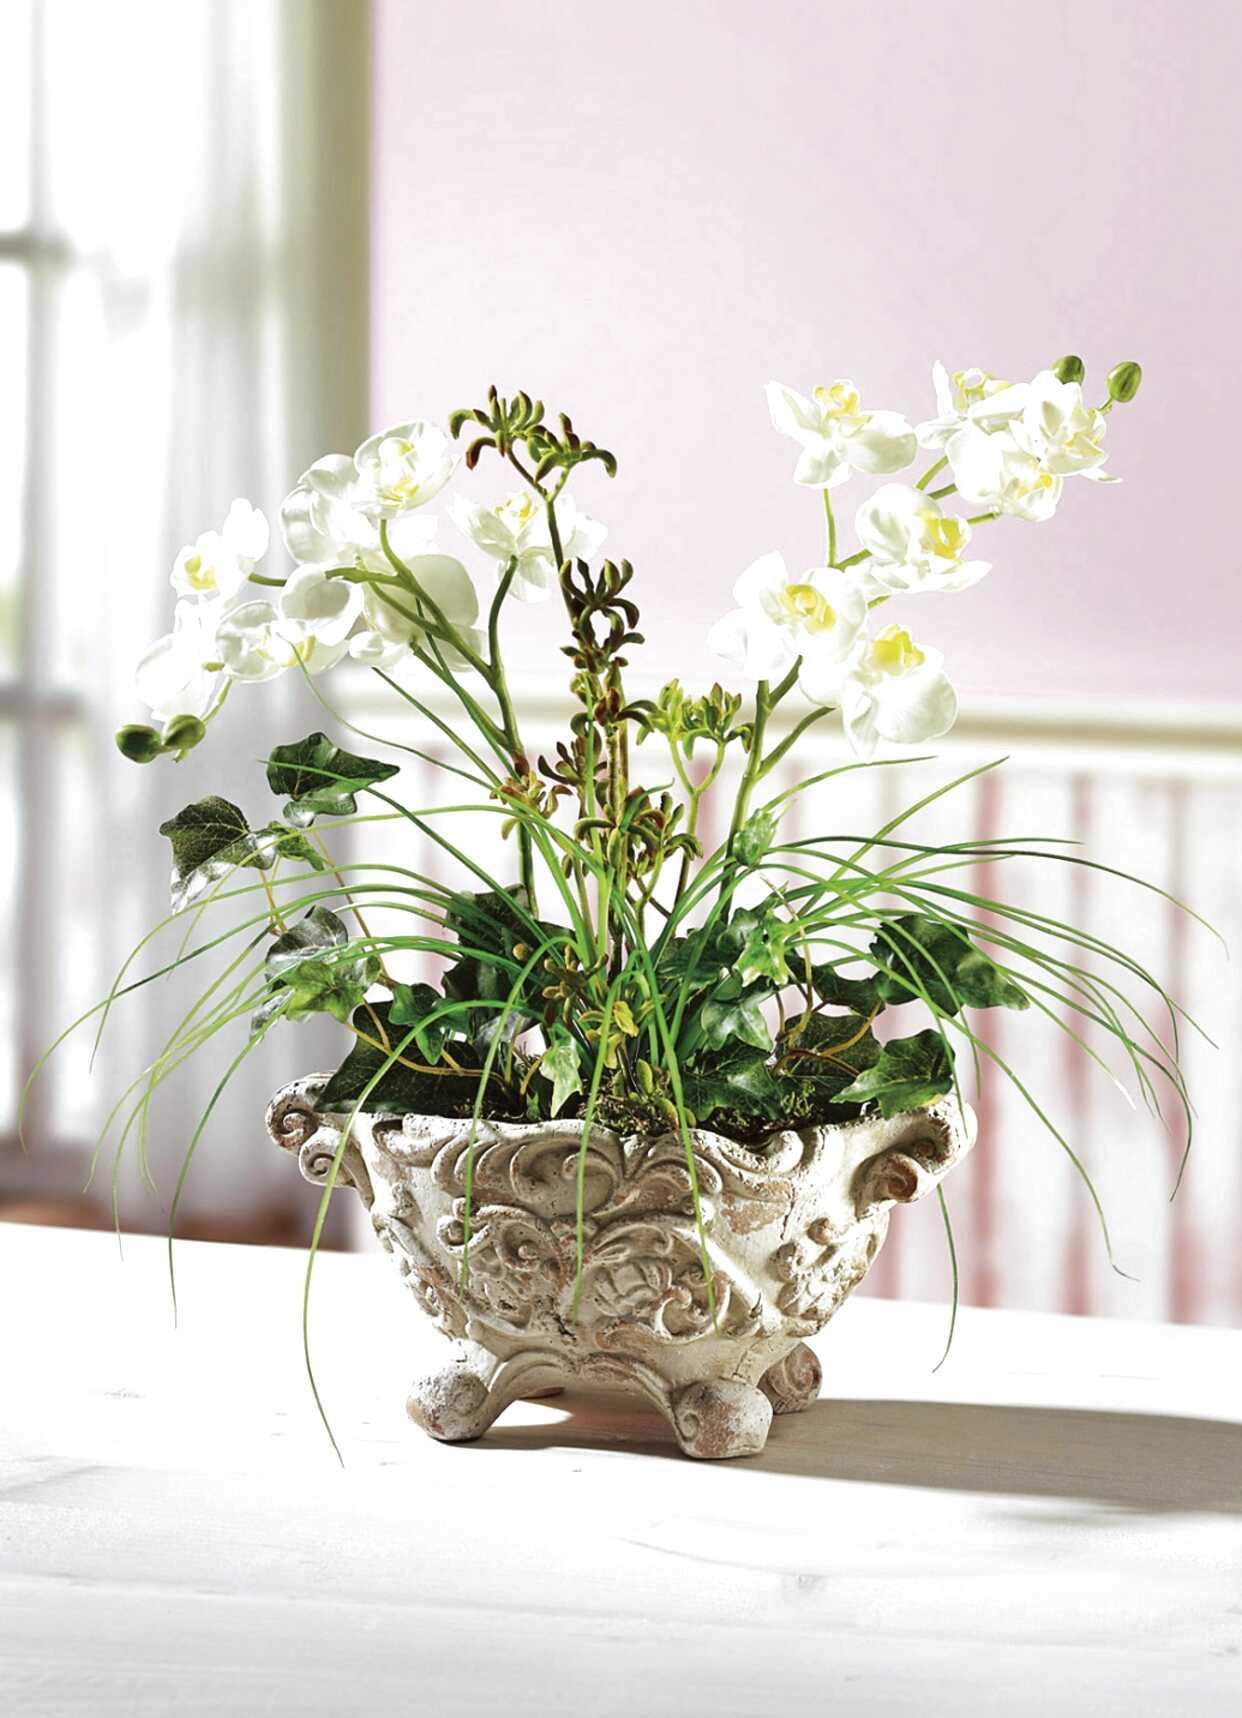 Glas Vase Kunstlumen Gesteck Tischgesteck Blumengesteck Orchideen Orange Deko